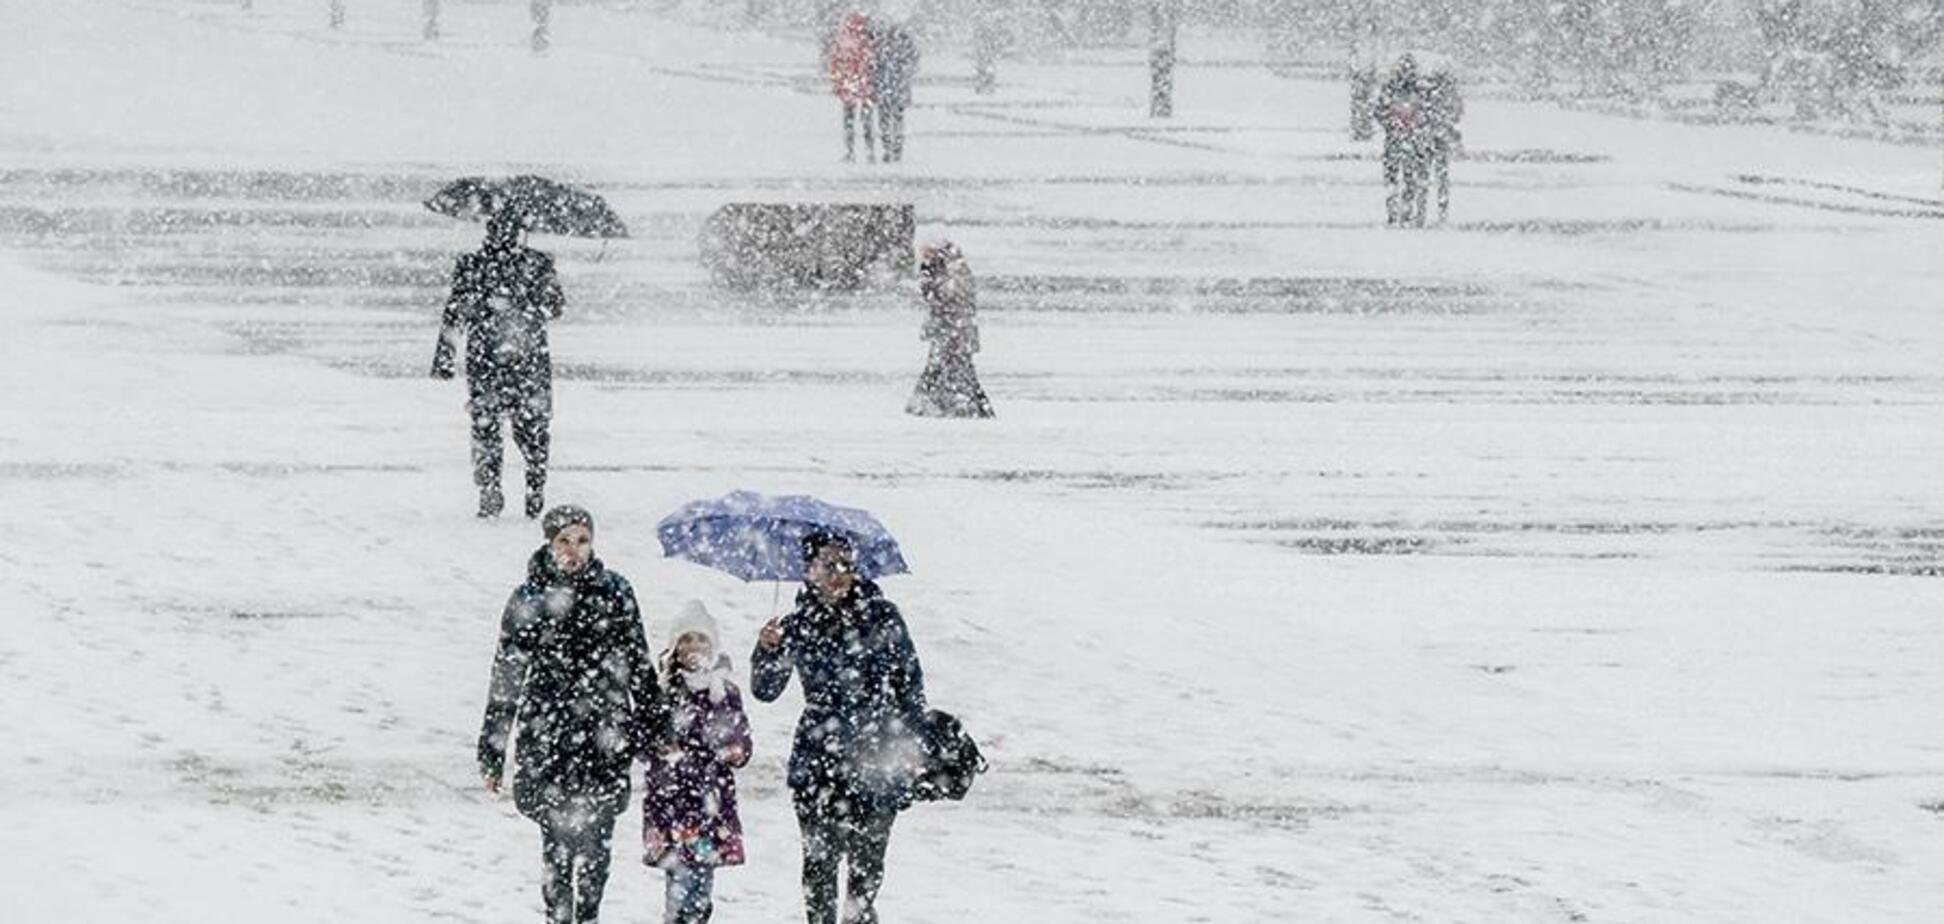 Сильный снег и бешеный ветер: часть Украины закружит метель. Карта